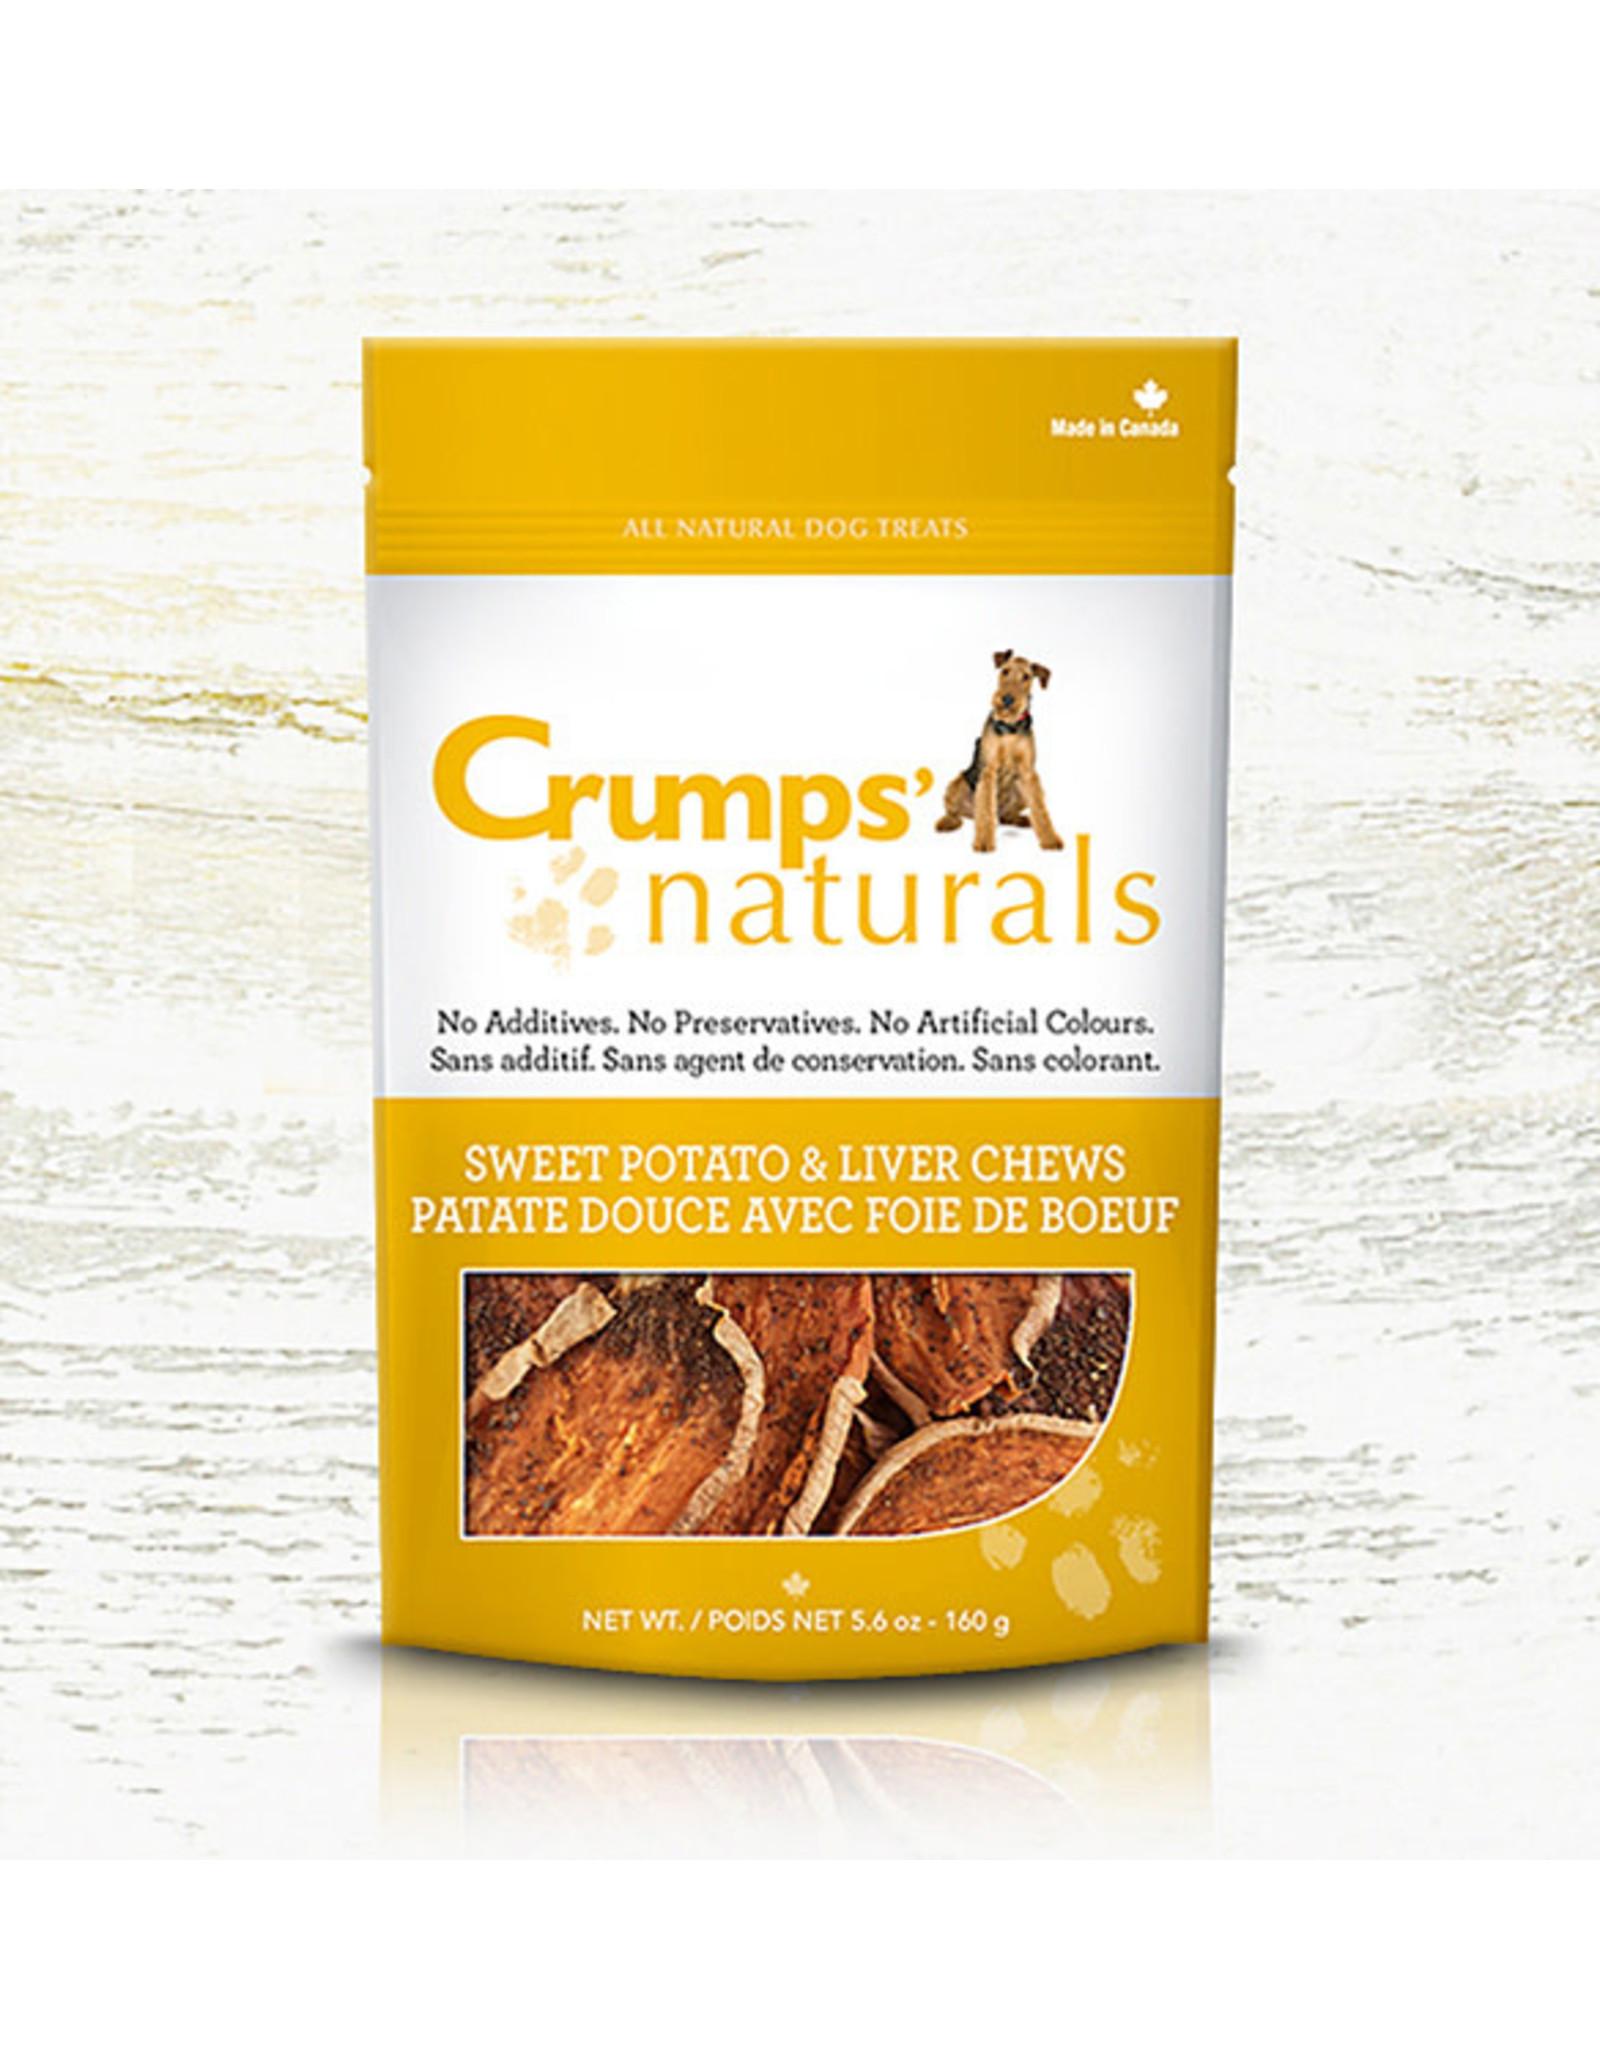 Crumps Crumps chien bouchées de patates douces et de foie (croustilles) 5.6 oz